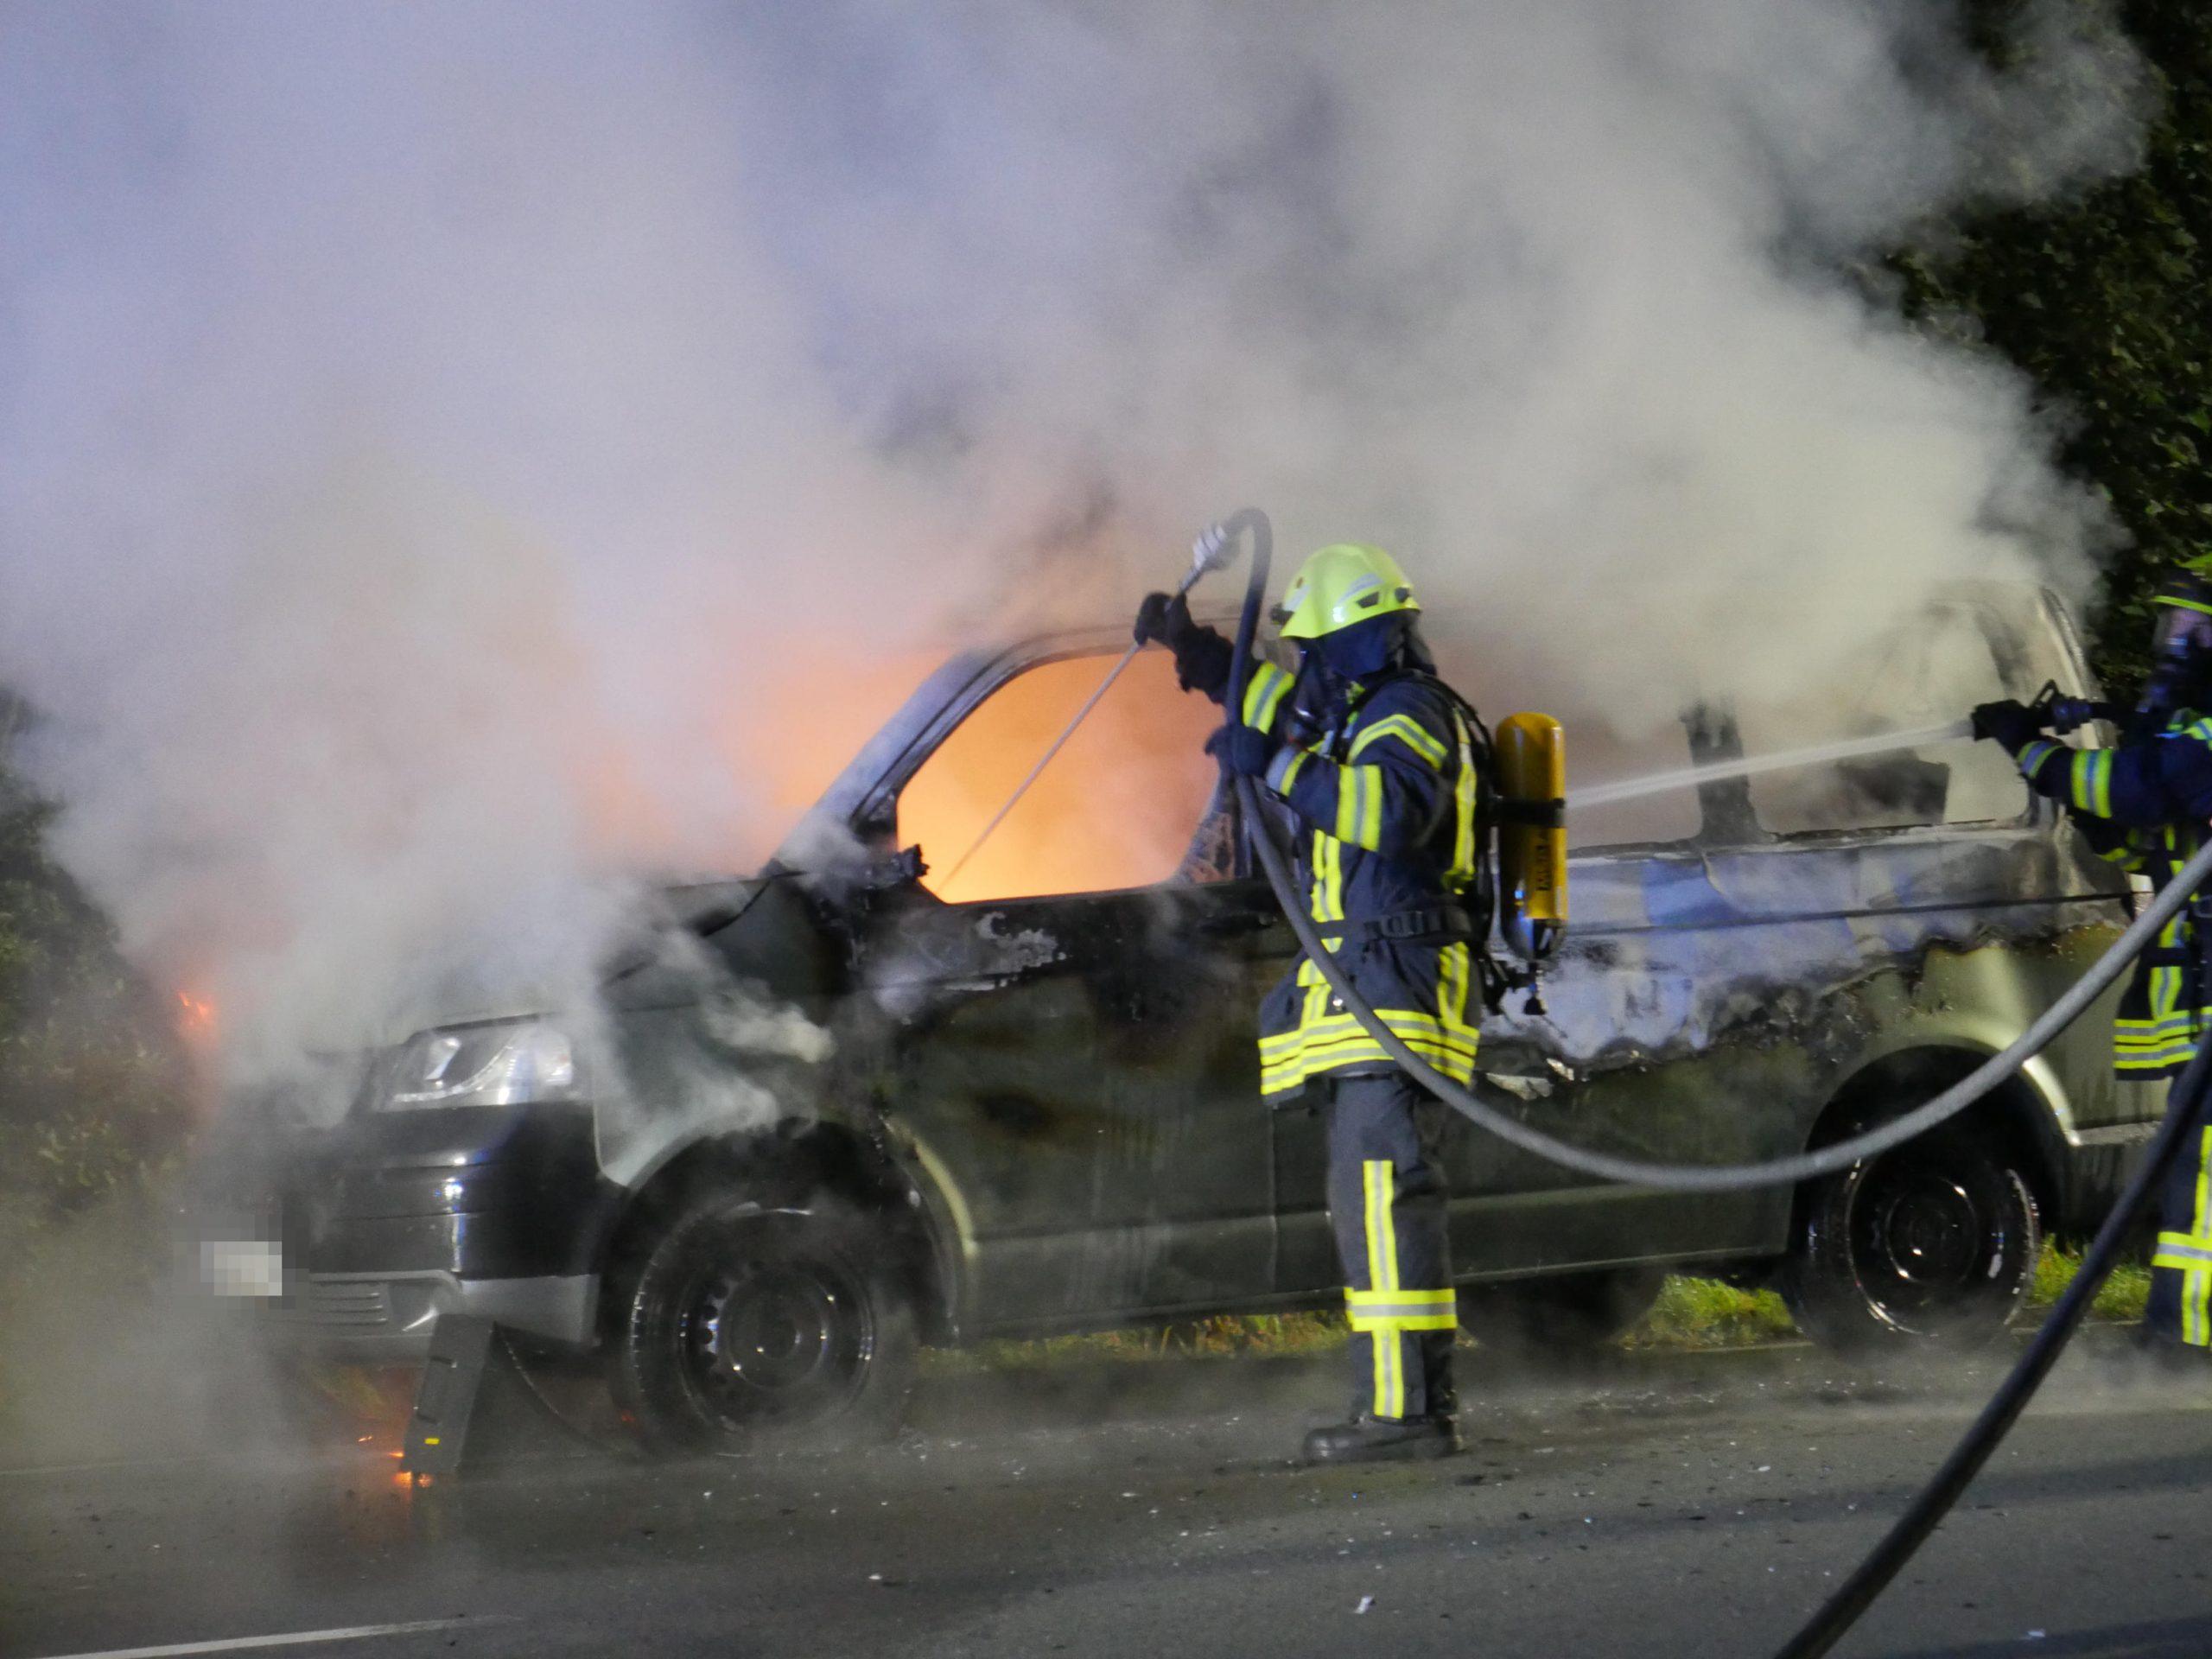 Feuerwehrmann löscht brennendes Fahrzeug